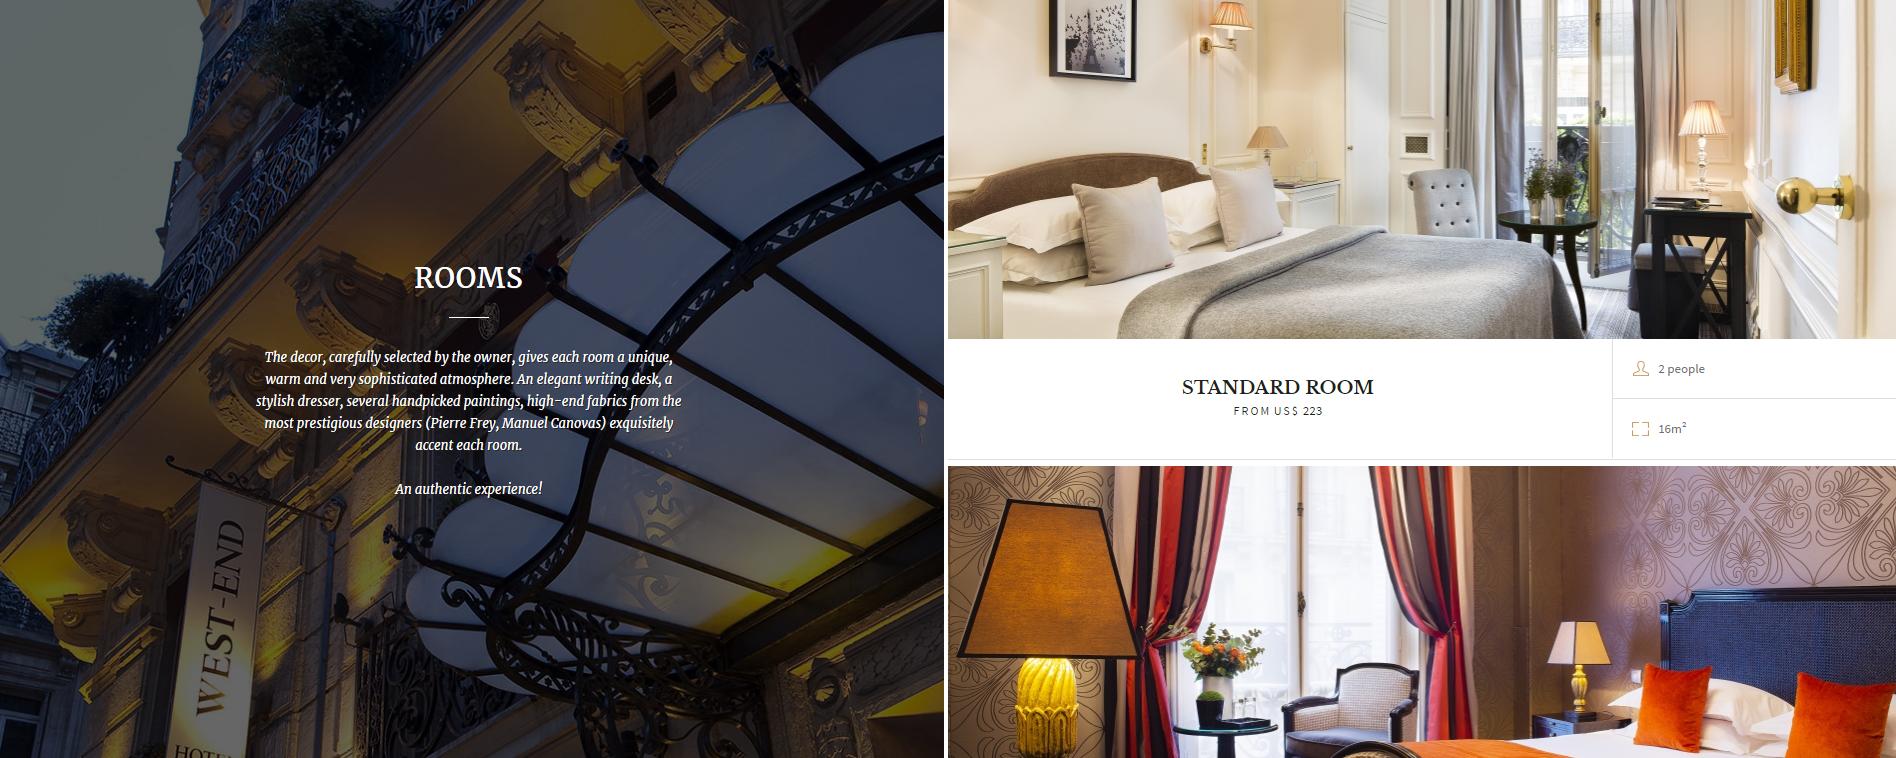 Galerie photos du site Web de l'hôtel West End